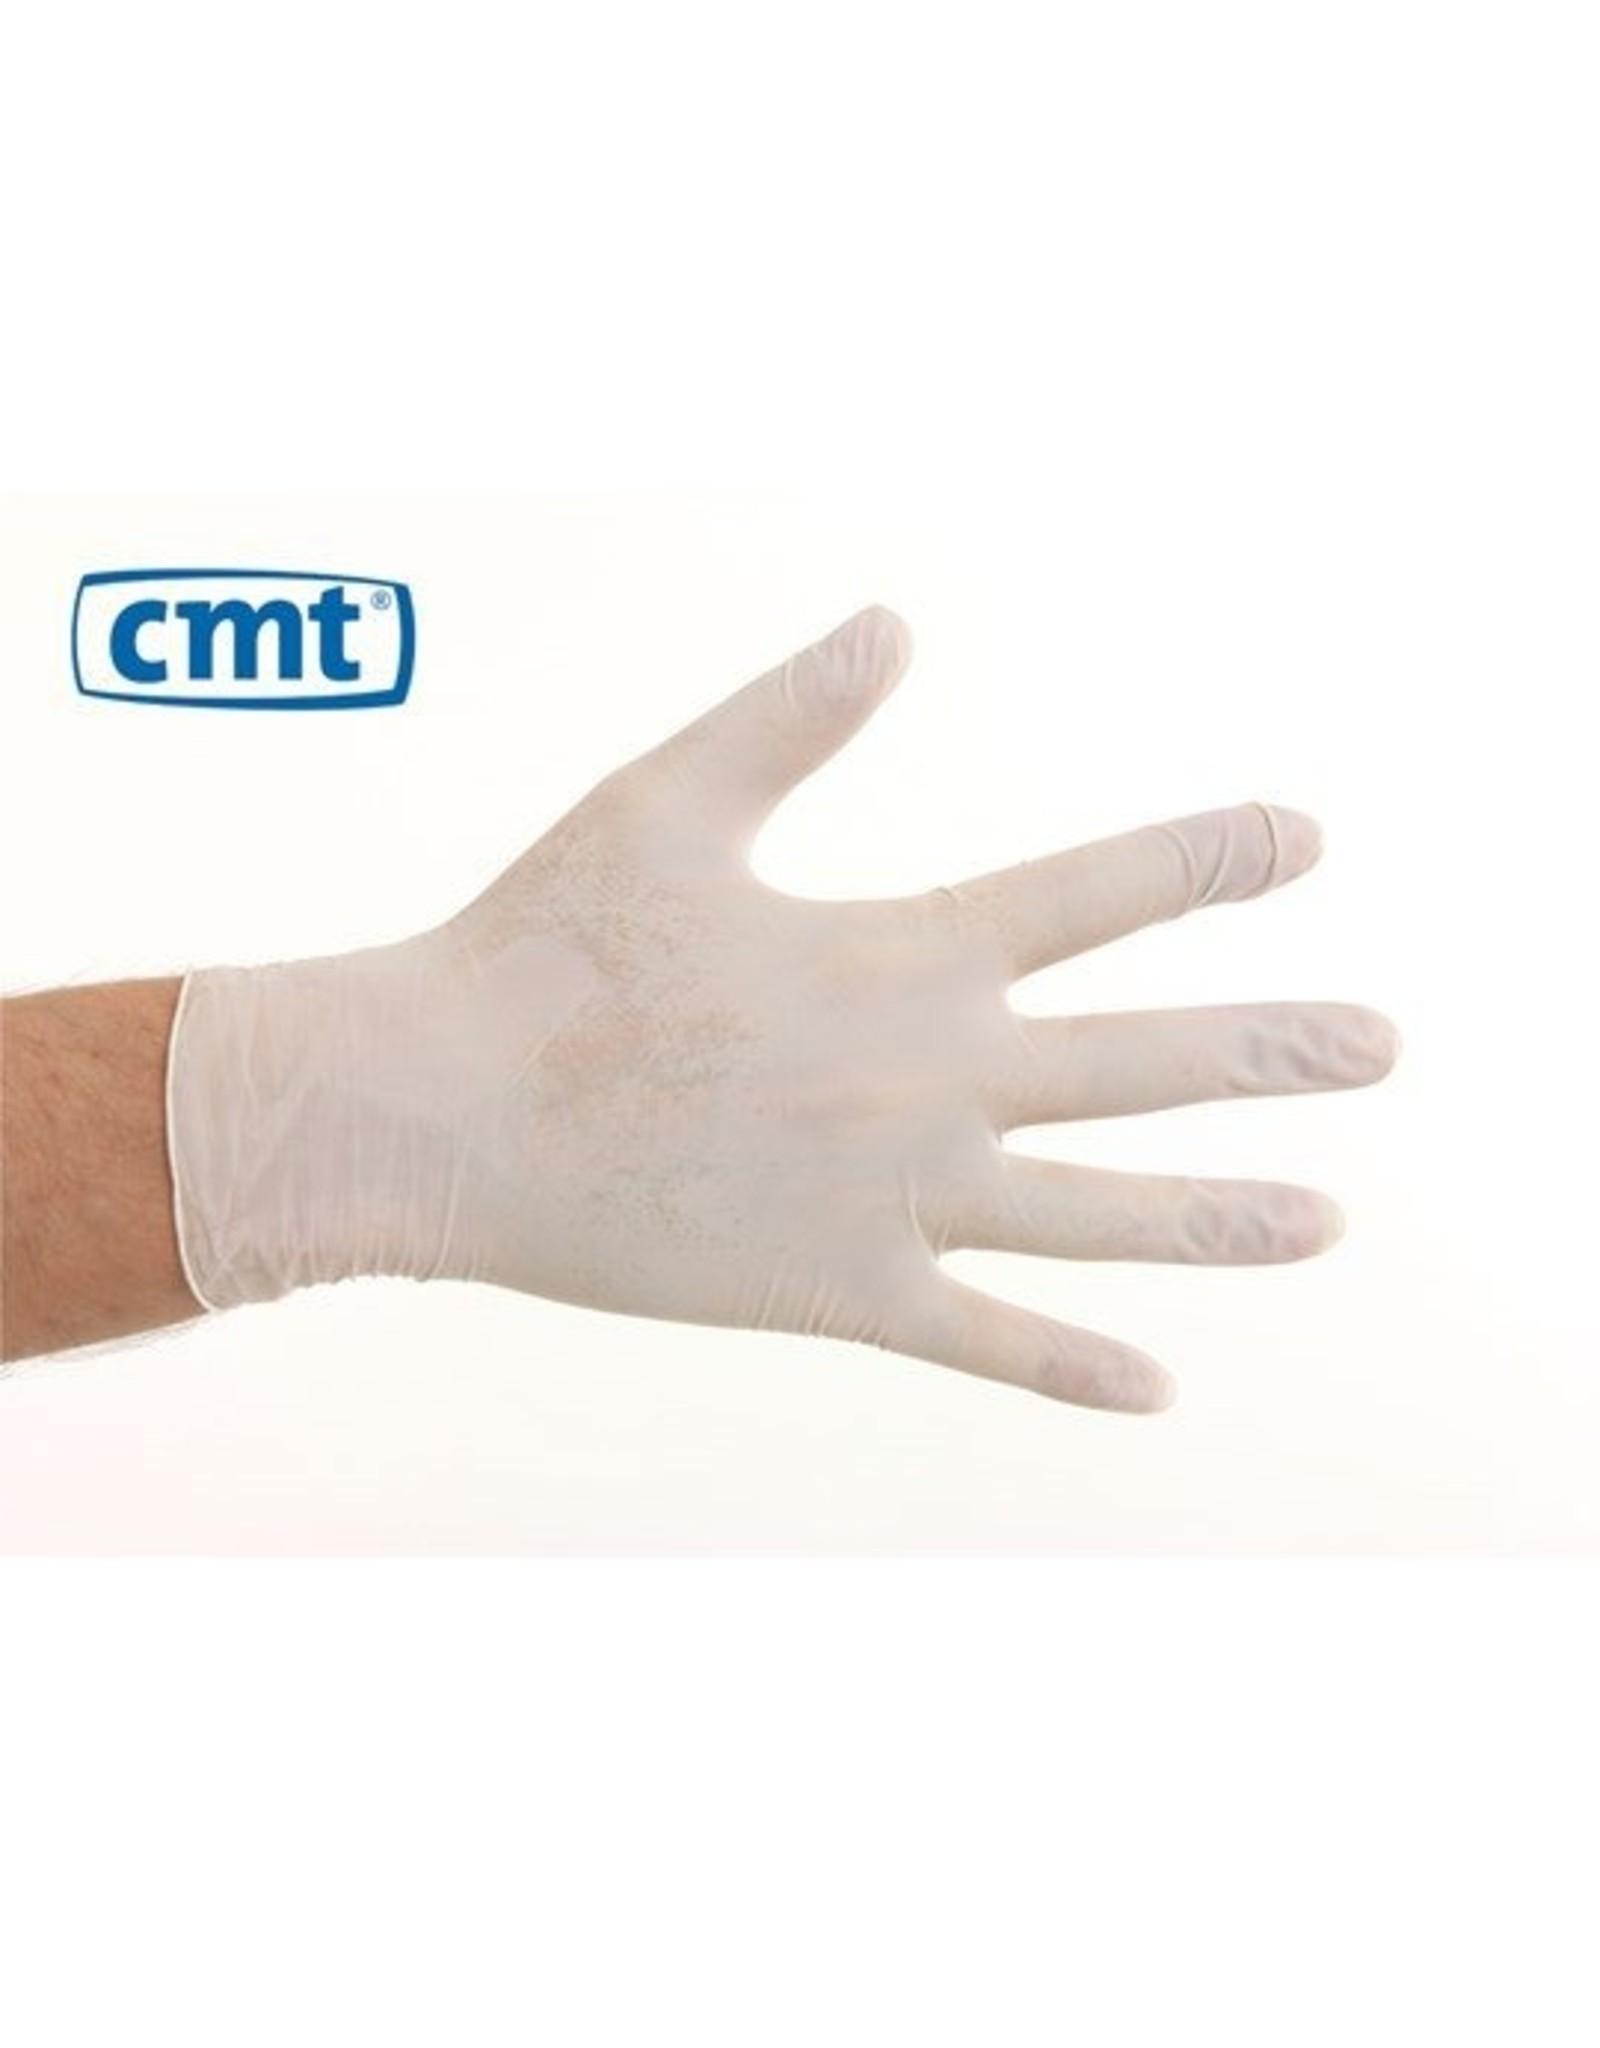 CMT CMT soft vinyl naturel handschoenen poedervrij  L